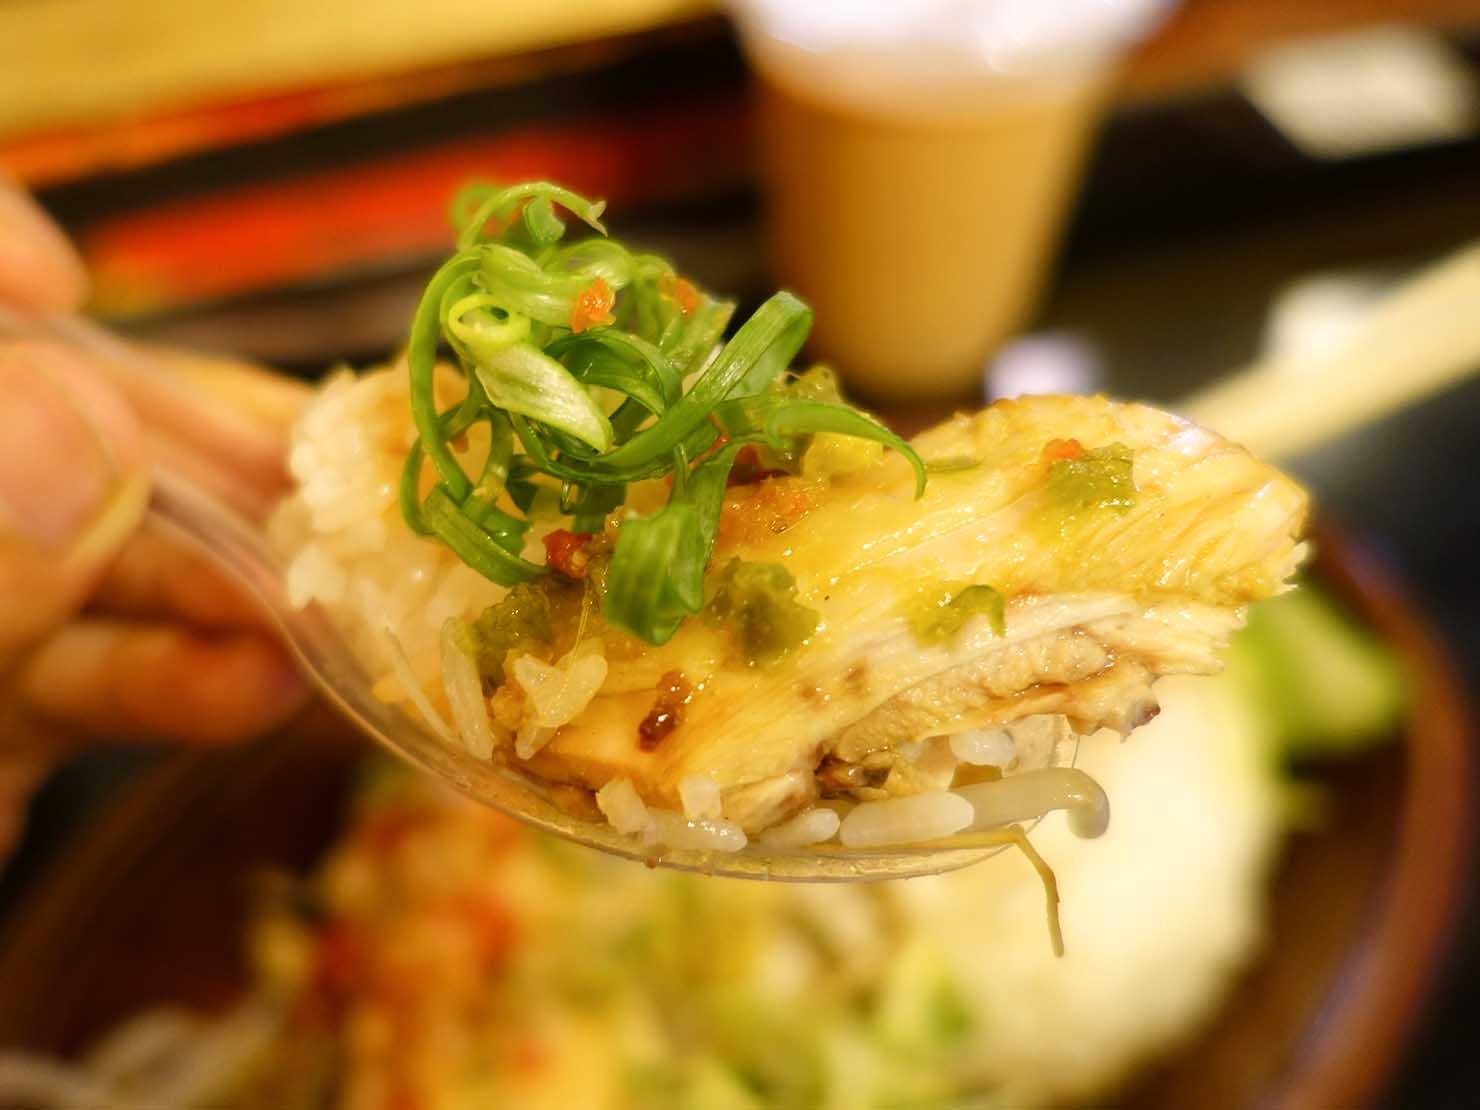 台北・中山駅周辺のおすすめグルメ店「甘榜馳名海南鶏飯」の海南雞飯(ハイナンチキンライス)クローズアップ